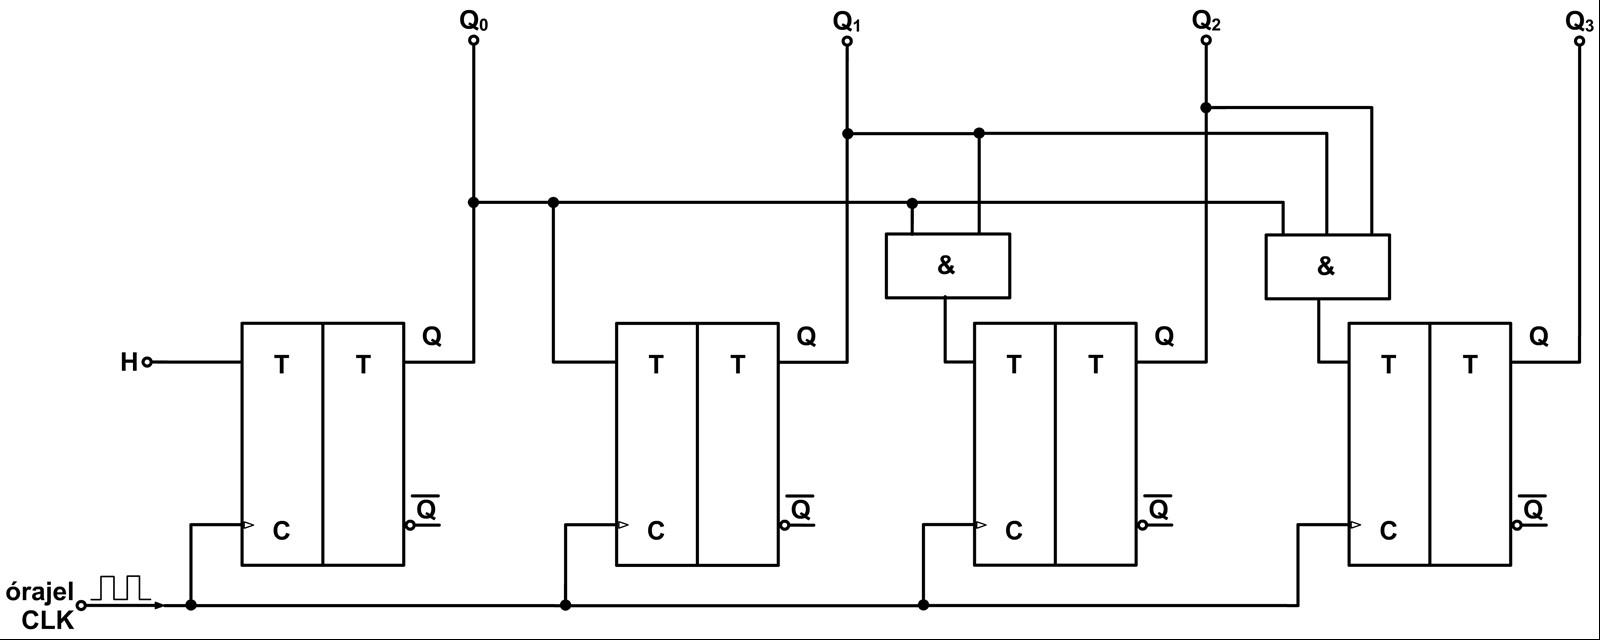 Egy 4-bites szinkron bináris előreszámláló c3a516ffa8